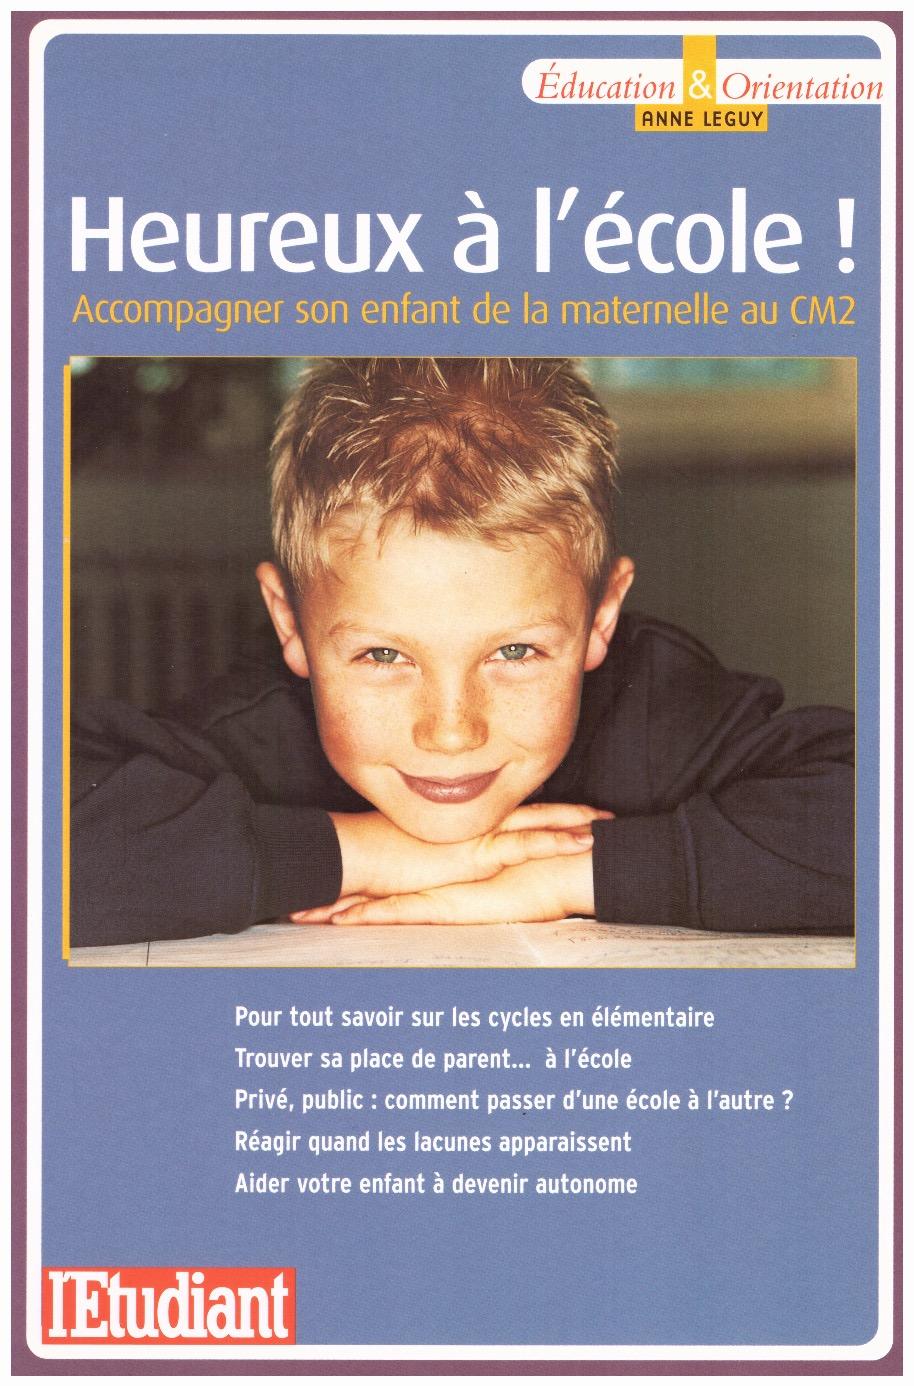 Heureux-a-l-ecole-Anne-Leguy.jpeg